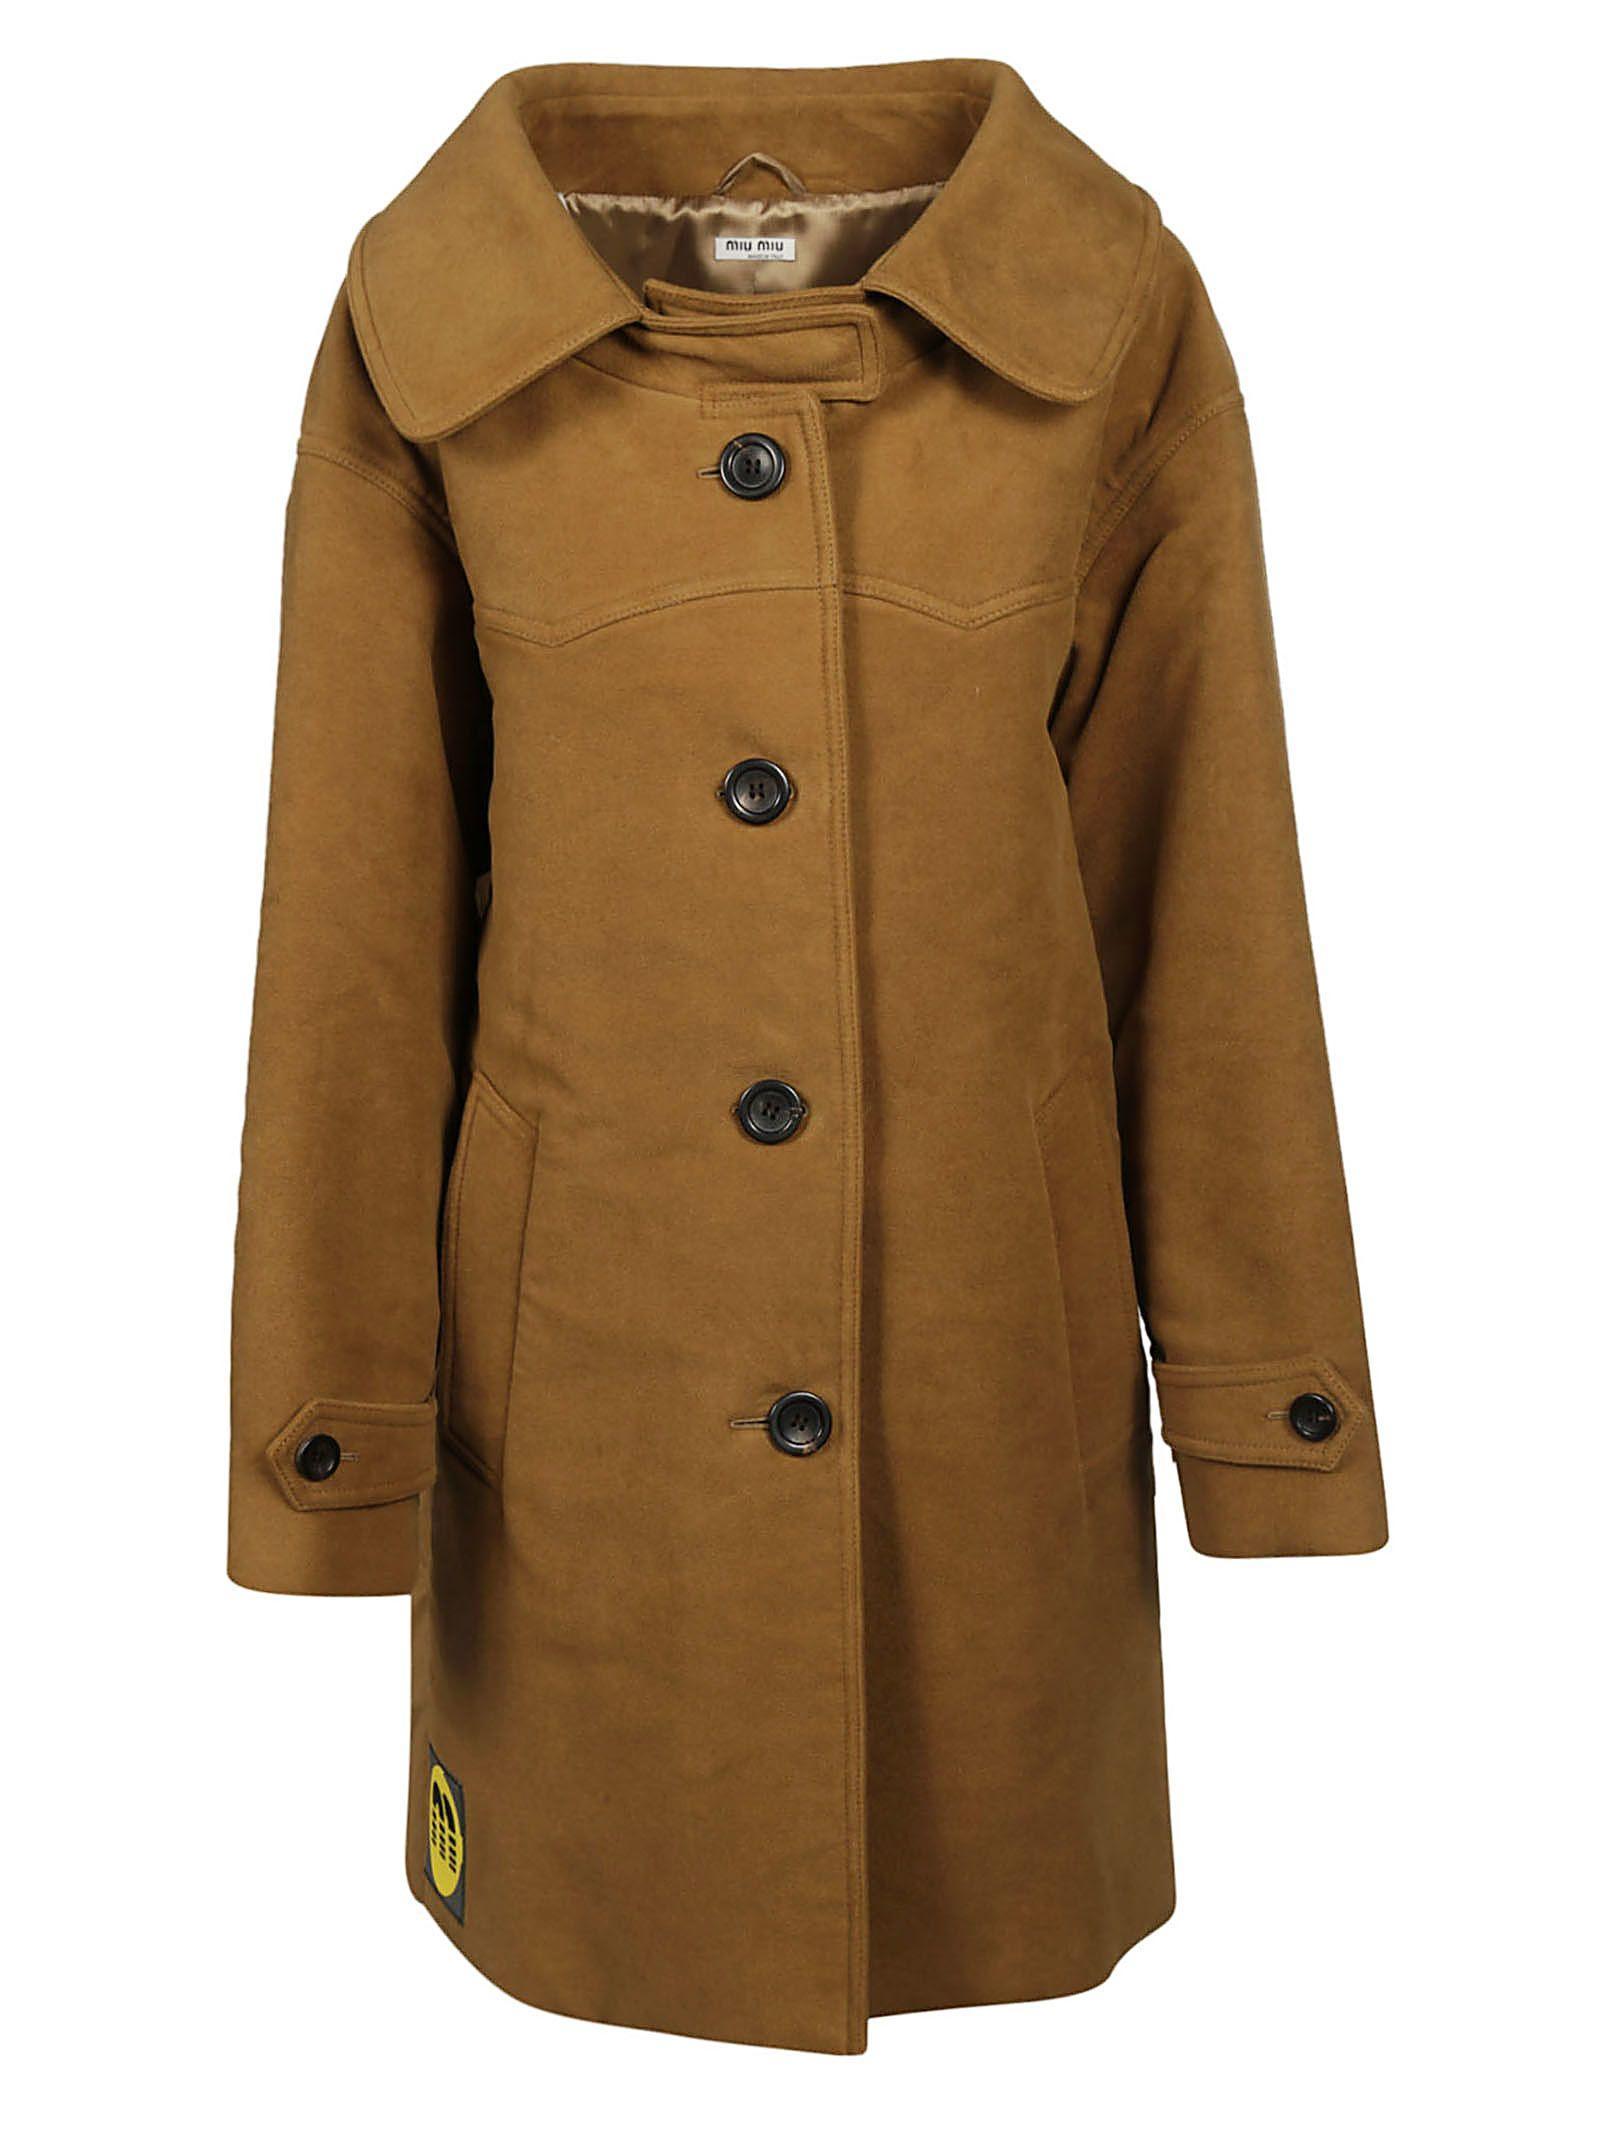 9358b6831c8 Miu Miu Moleskin Coat In Brown